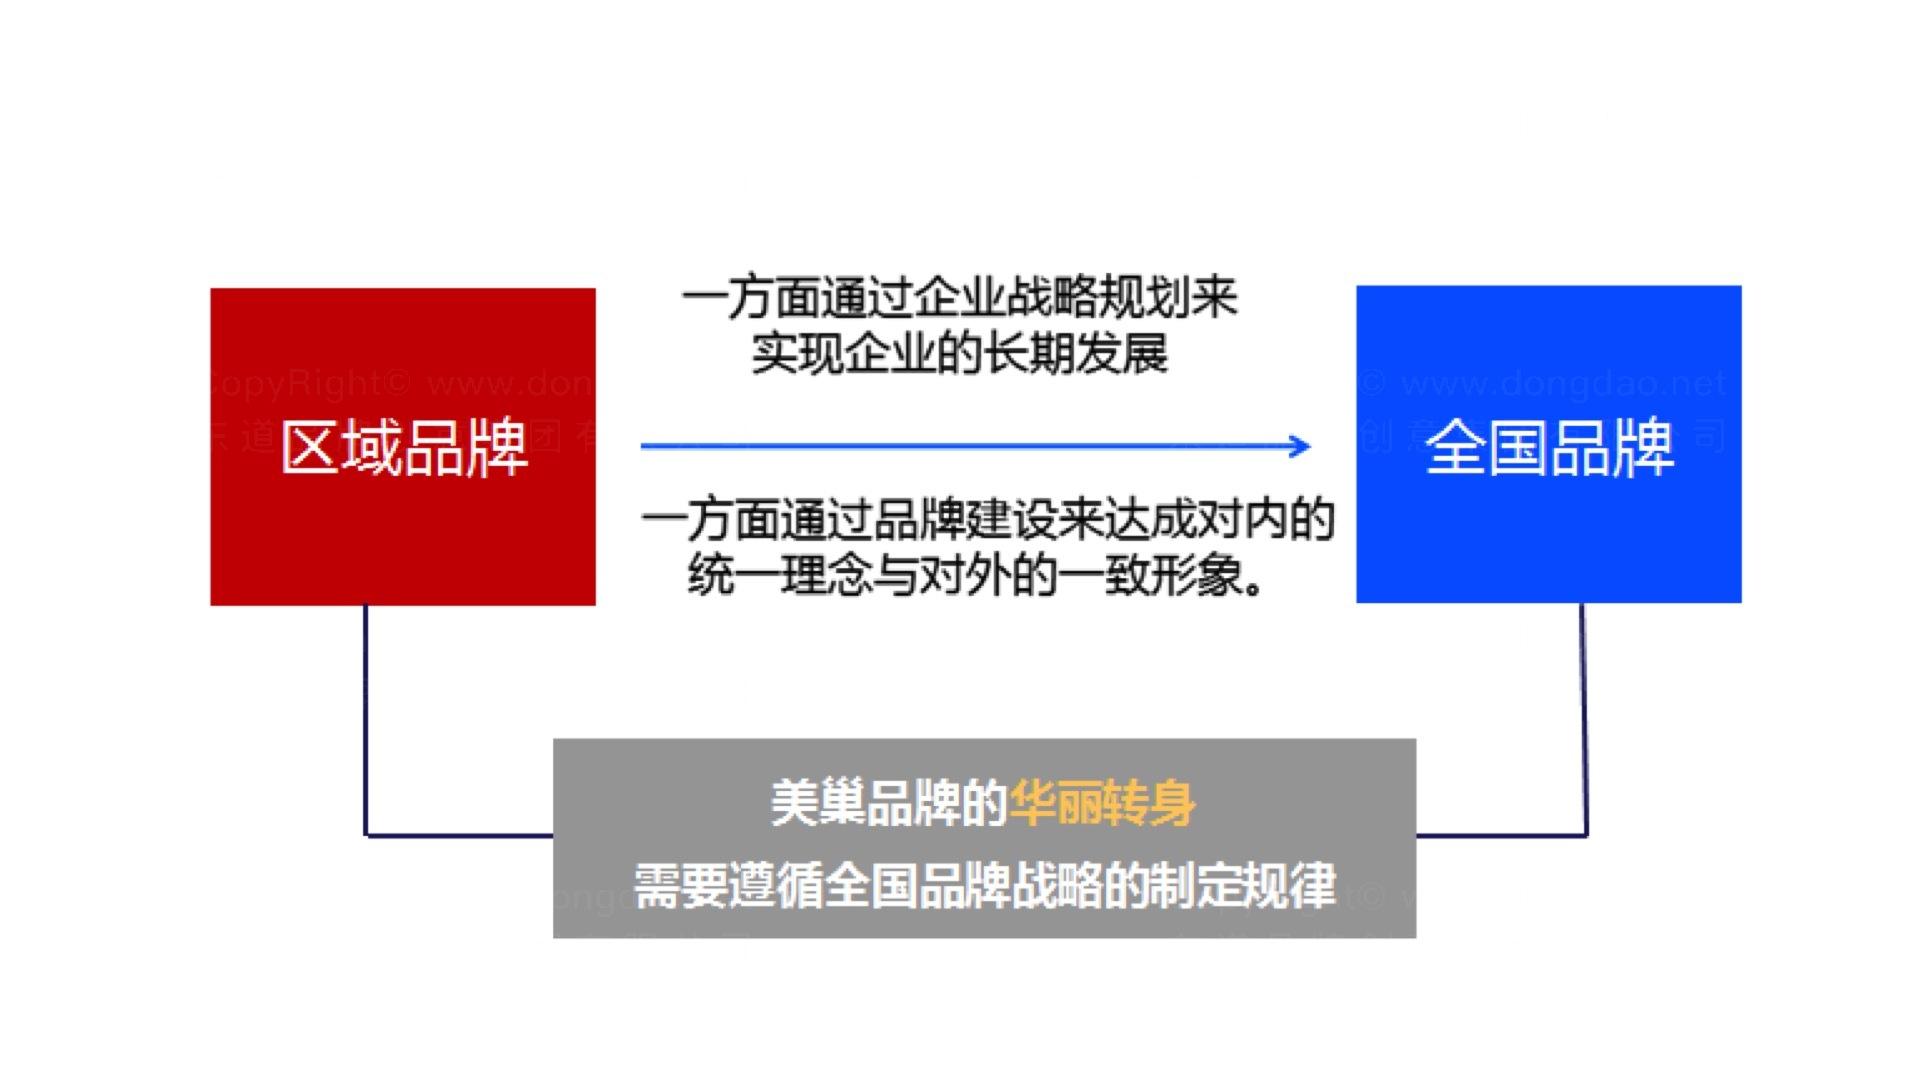 品牌战略&企业文化美巢品牌战略与包装体系设计应用场景_1